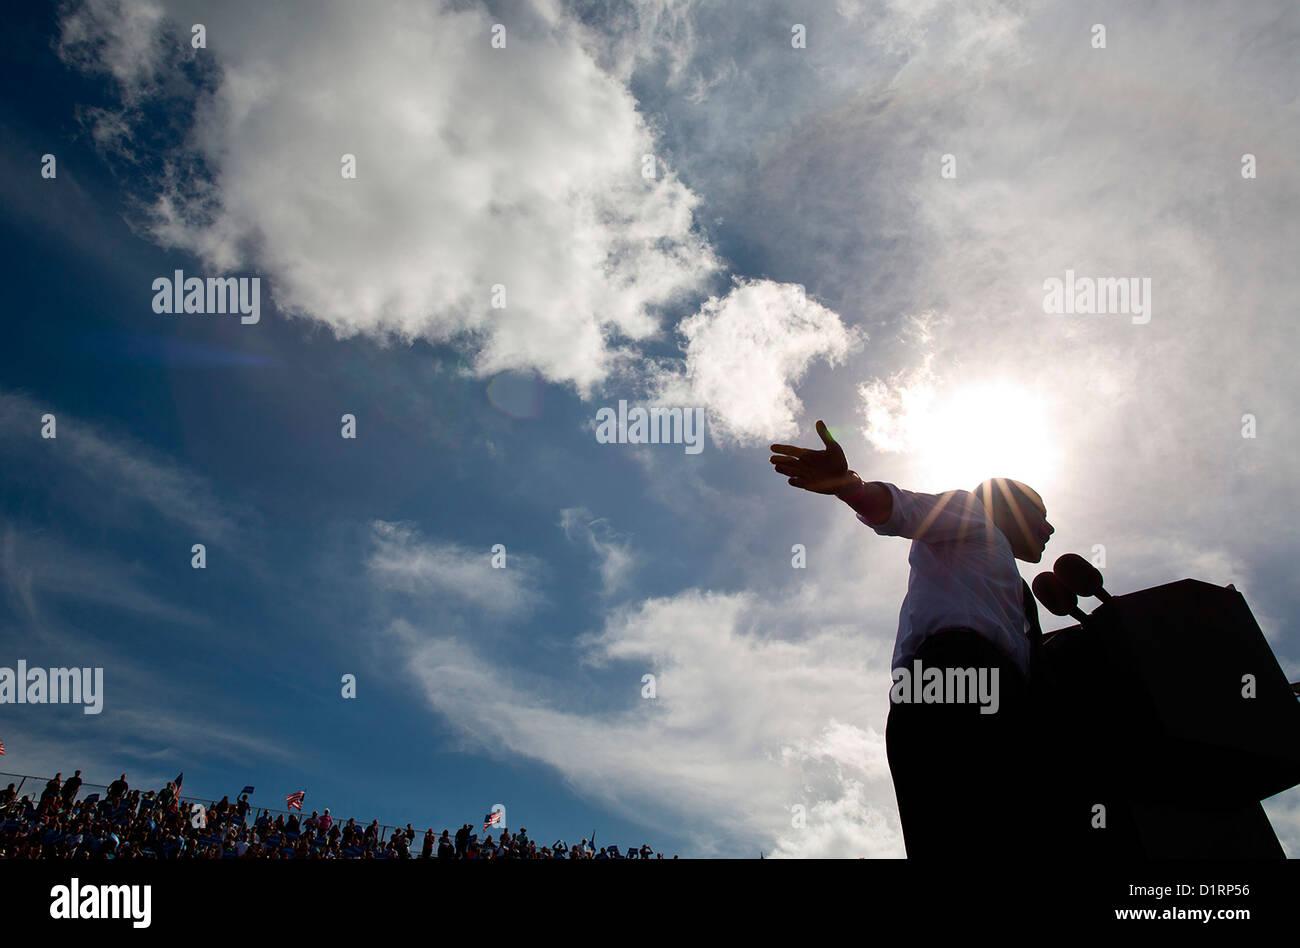 US-Präsident Barack Obama spricht eine Menge während einer Kampagne Wahlveranstaltung 23. Oktober 2012 Stockbild